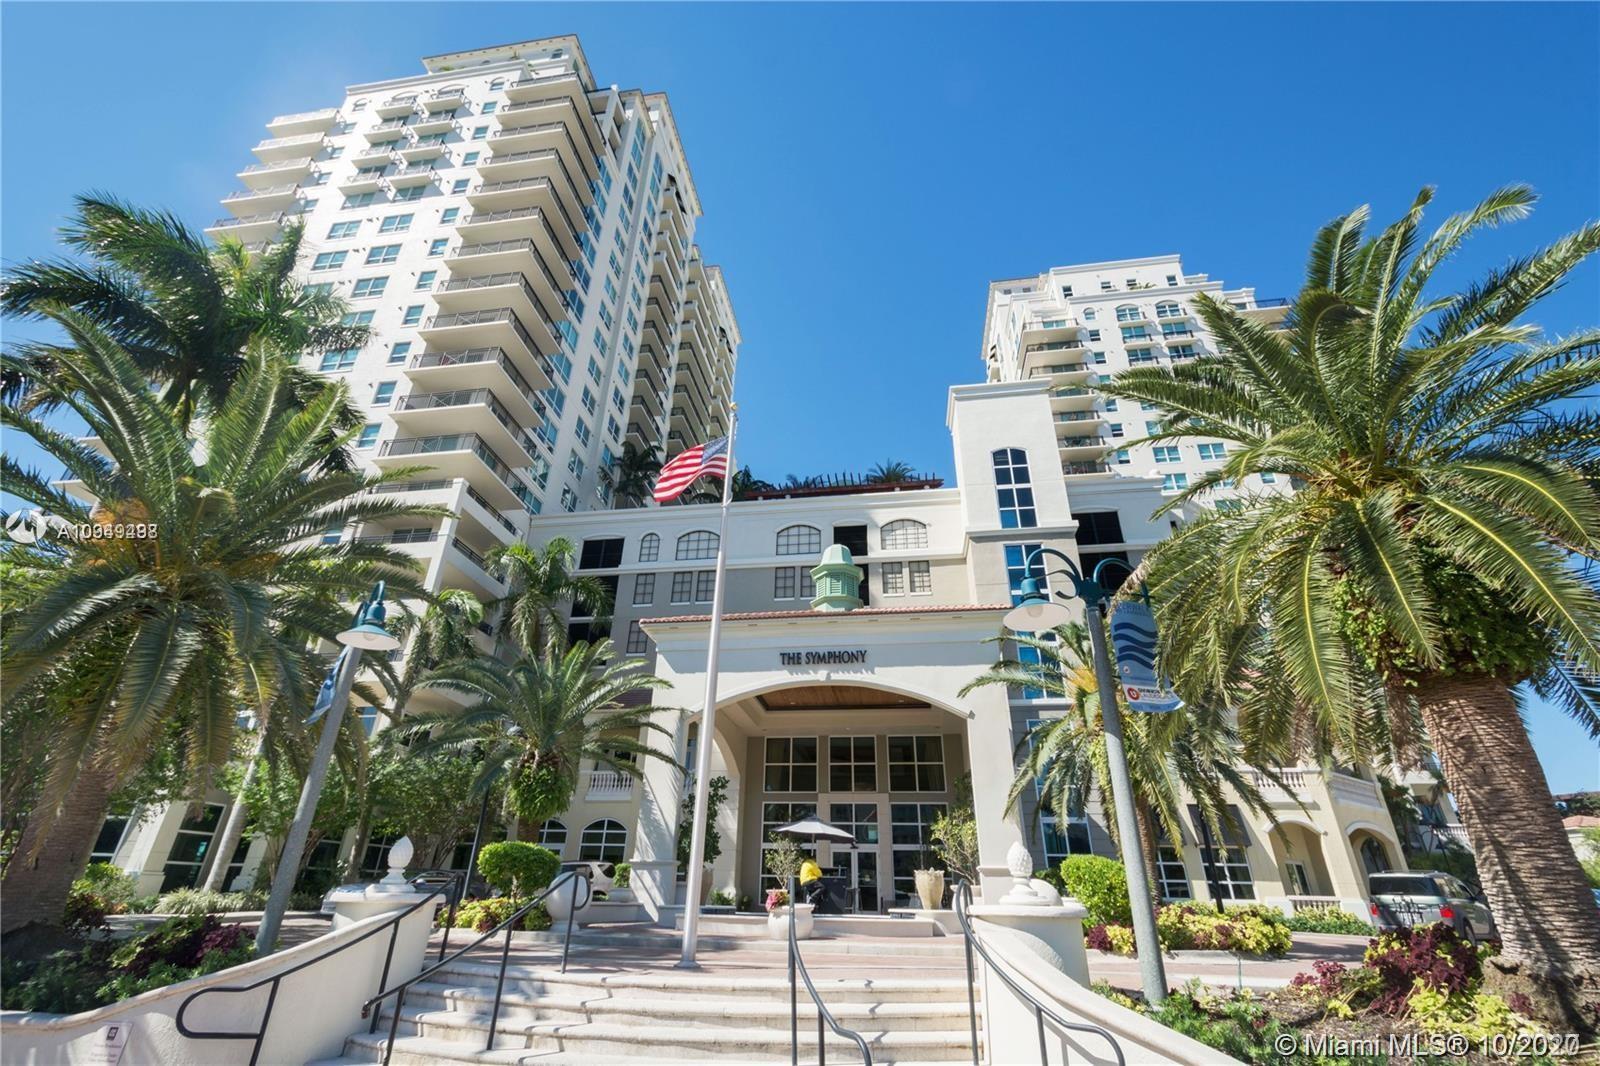 Symphony #1203S - 600 W Las Olas Blvd #1203S, Fort Lauderdale, FL 33312